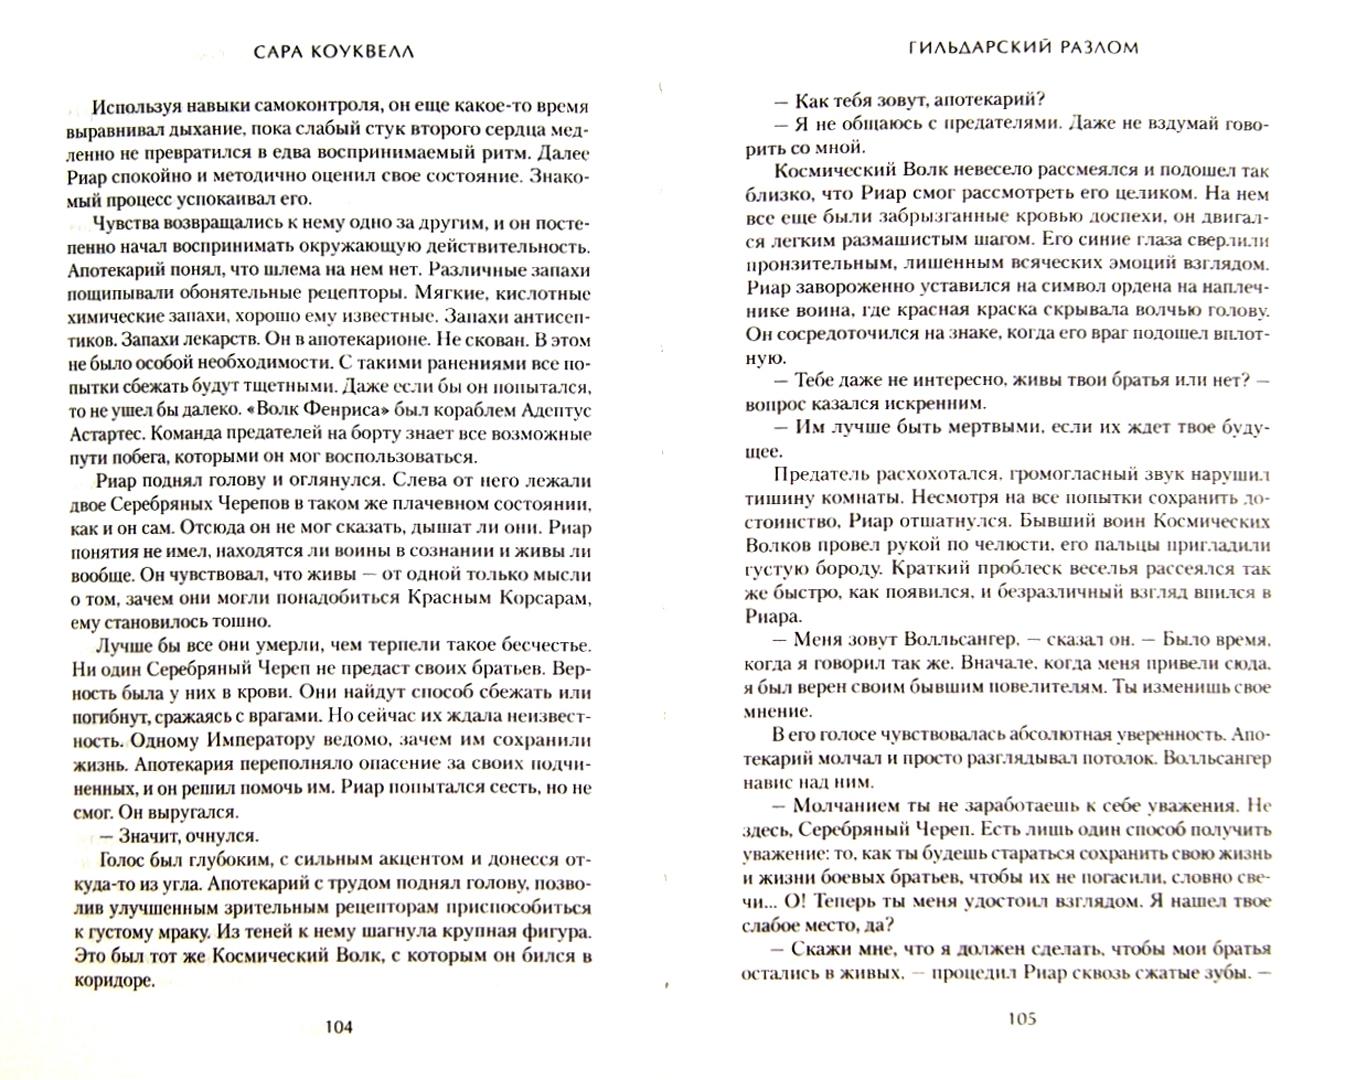 Иллюстрация 1 из 4 для Гильдарский Разлом - Сара Коуквелл   Лабиринт - книги. Источник: Лабиринт